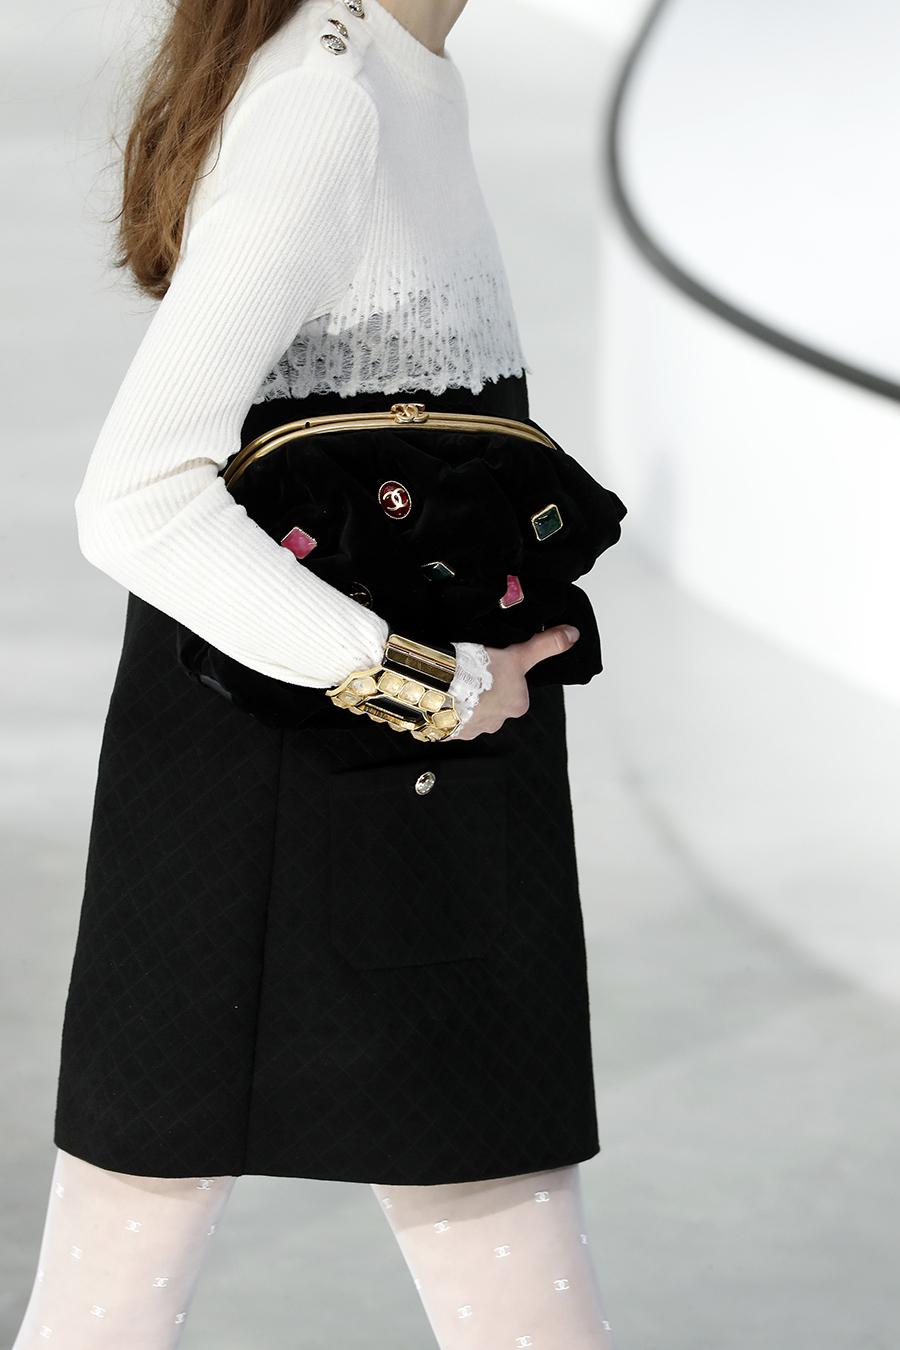 модная сумка мягкий большой клатч осень зима 2020 2021 черная вышивка аплликации